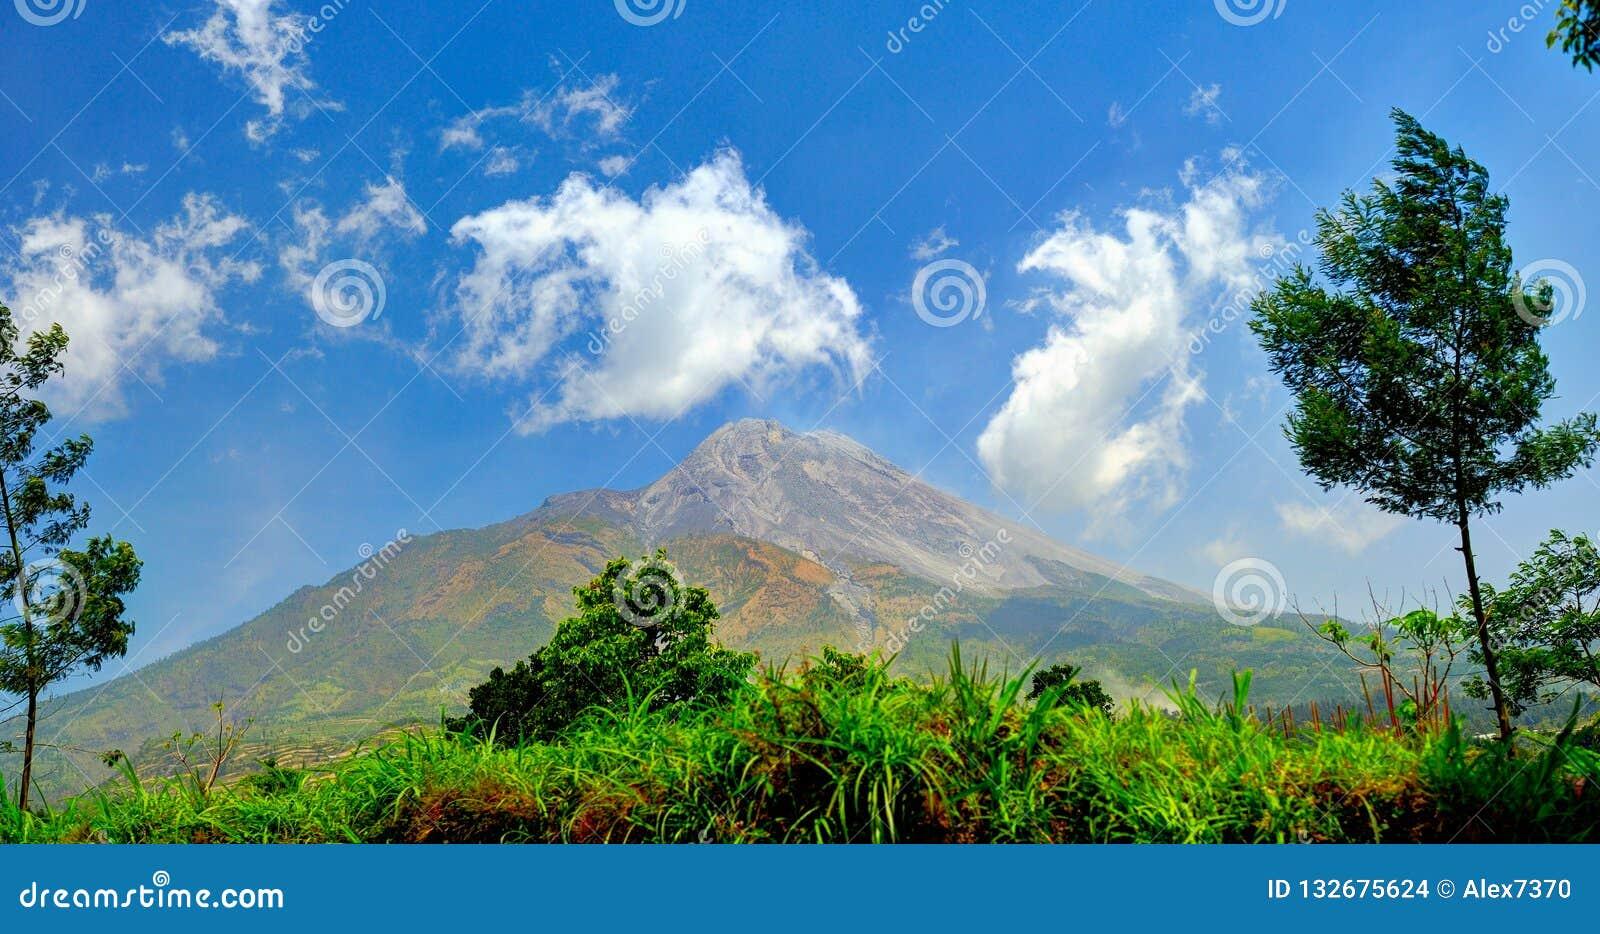 Volcano of Merapi in Central Java, Indonesia 2012